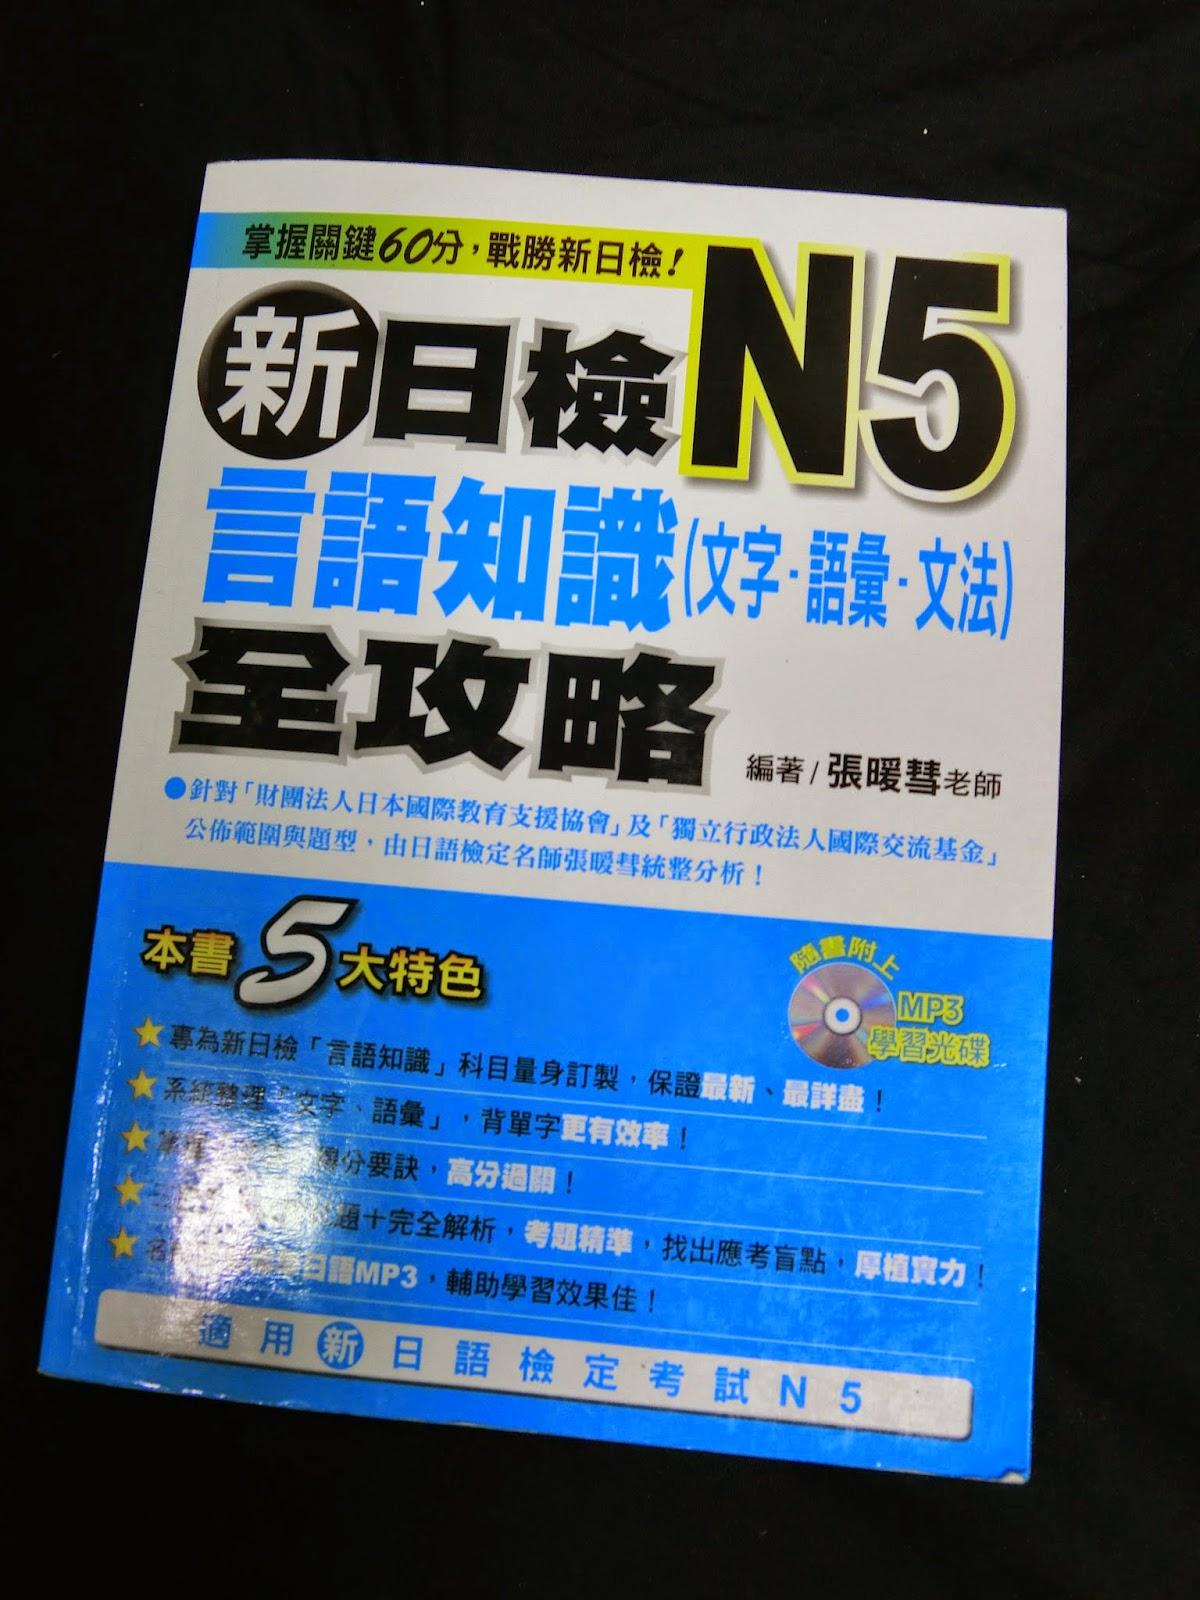 《喬的人生會談室》- Joseph Chen's Talking Room: 【置頂】[語言] 自學日文之日語檢定N3通過心得分享(Japanese Language ...